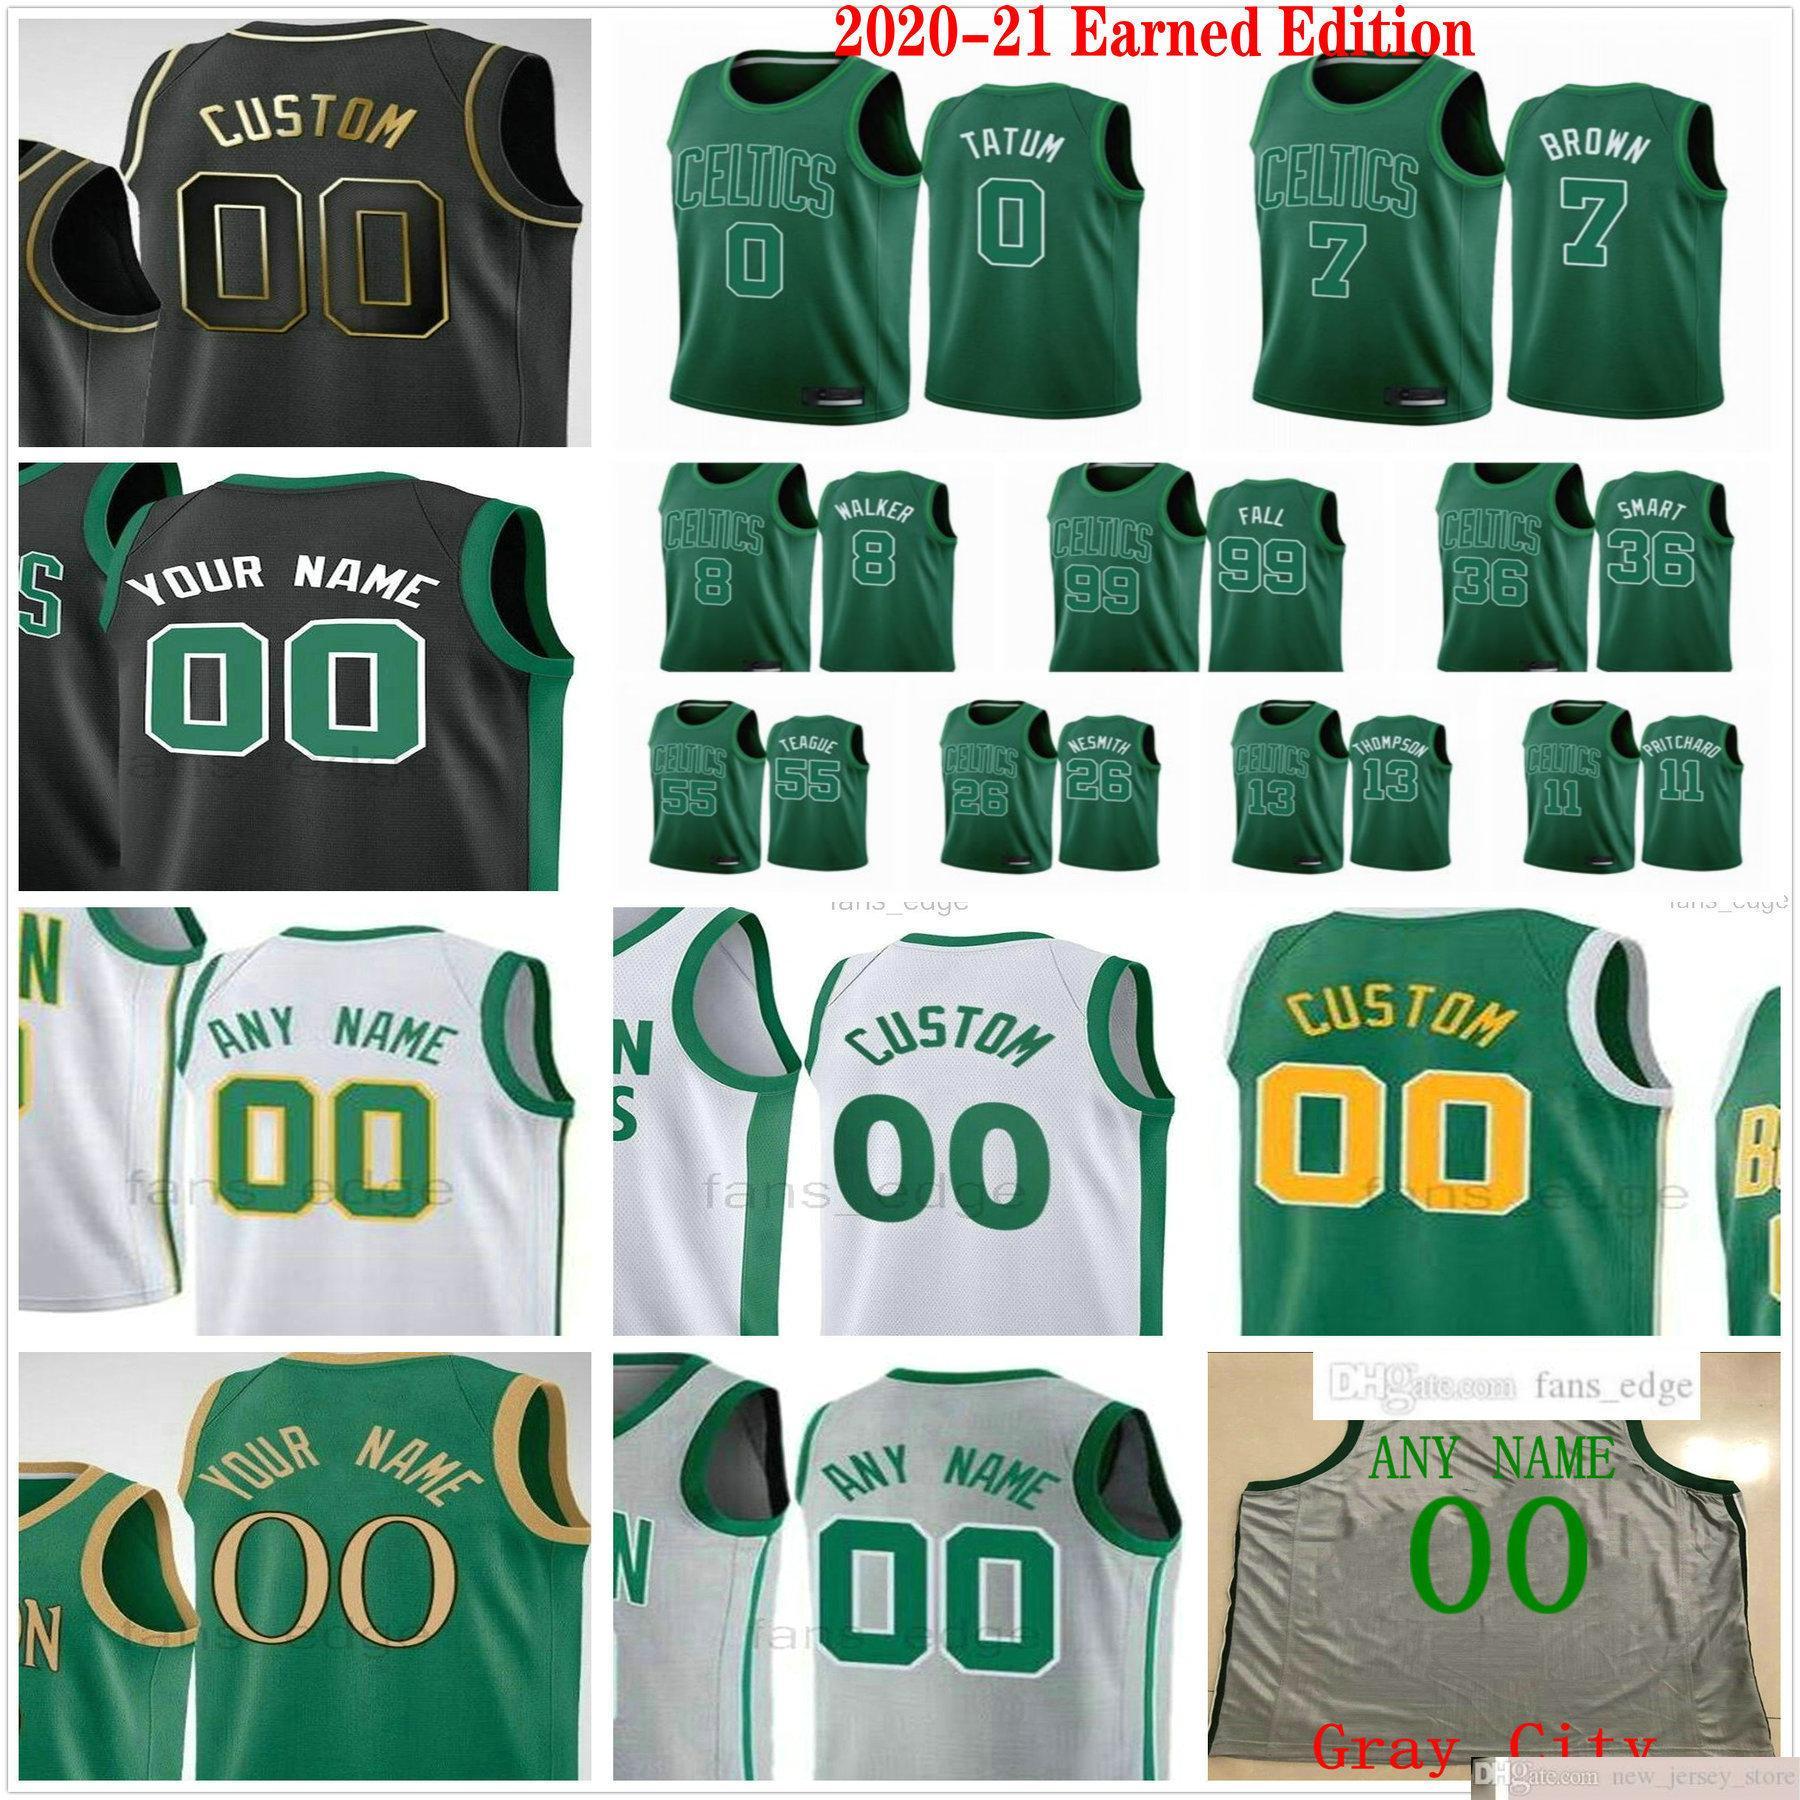 Personalizado impreso 2020-21 EDICIÓN GANADA Jayson 0 Tatum Kemba Jaylen 8 Walker 7 Brown 11 Payton Pritchard Hombres Mujer Niños Camisetas de baloncesto